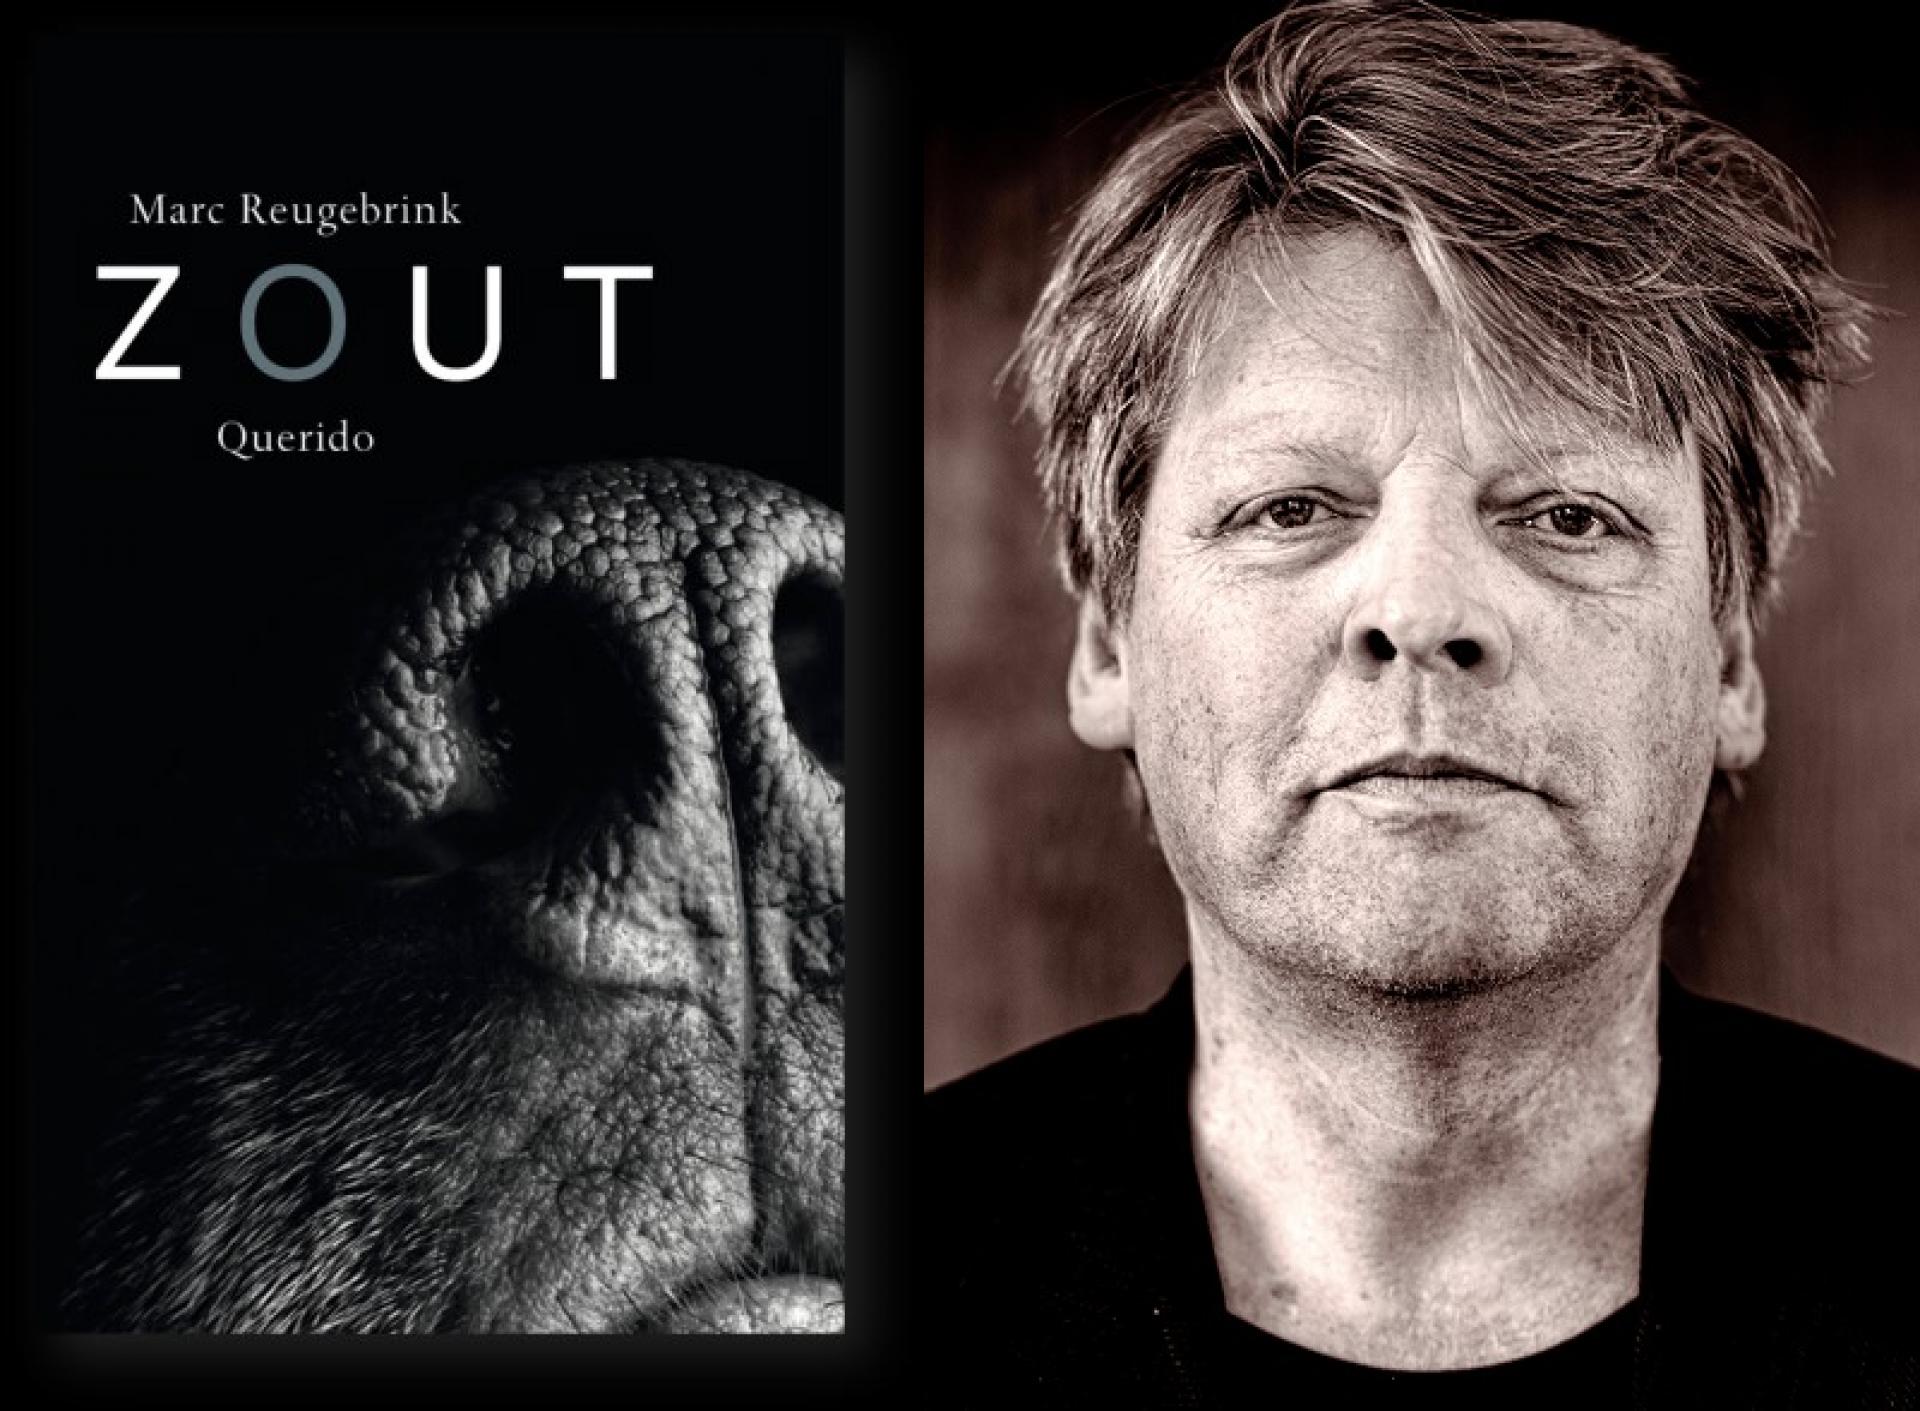 Delden en Twickel inspiratiebron voor boek Marc Reugebrink